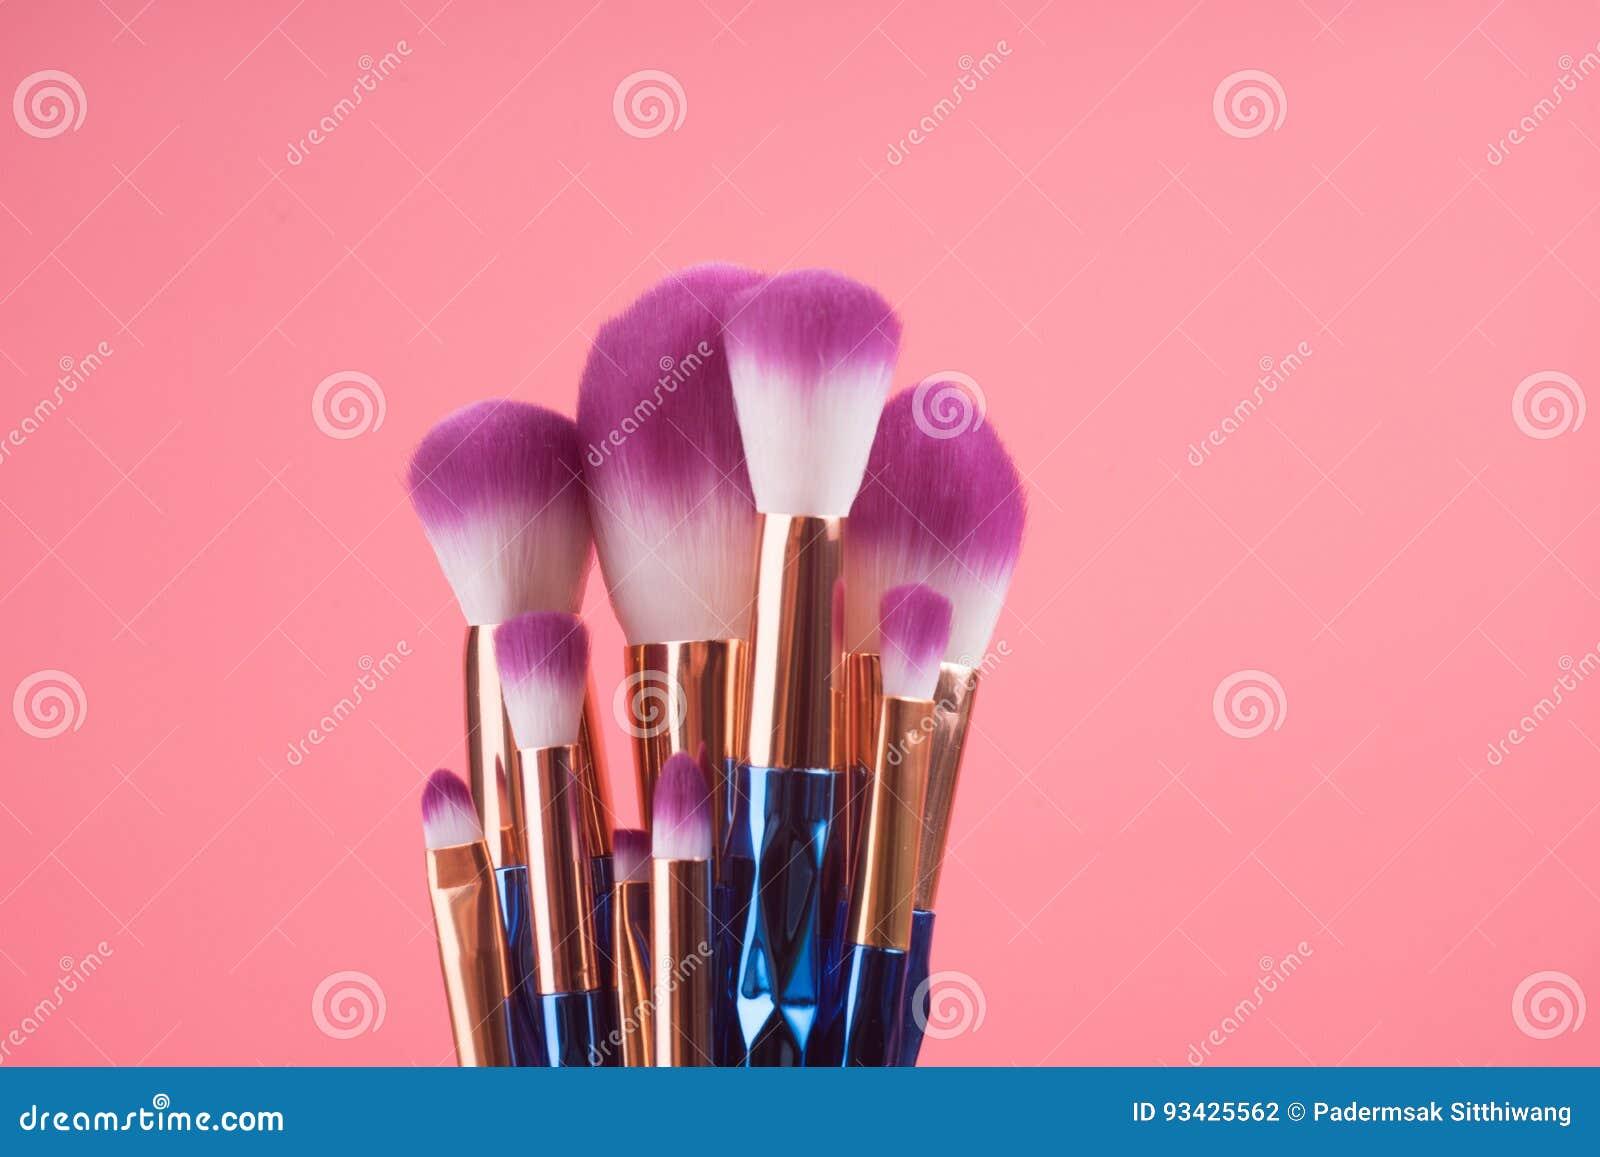 Makeupborsteuppsättning på röd rosa pastellfärgad bakgrund